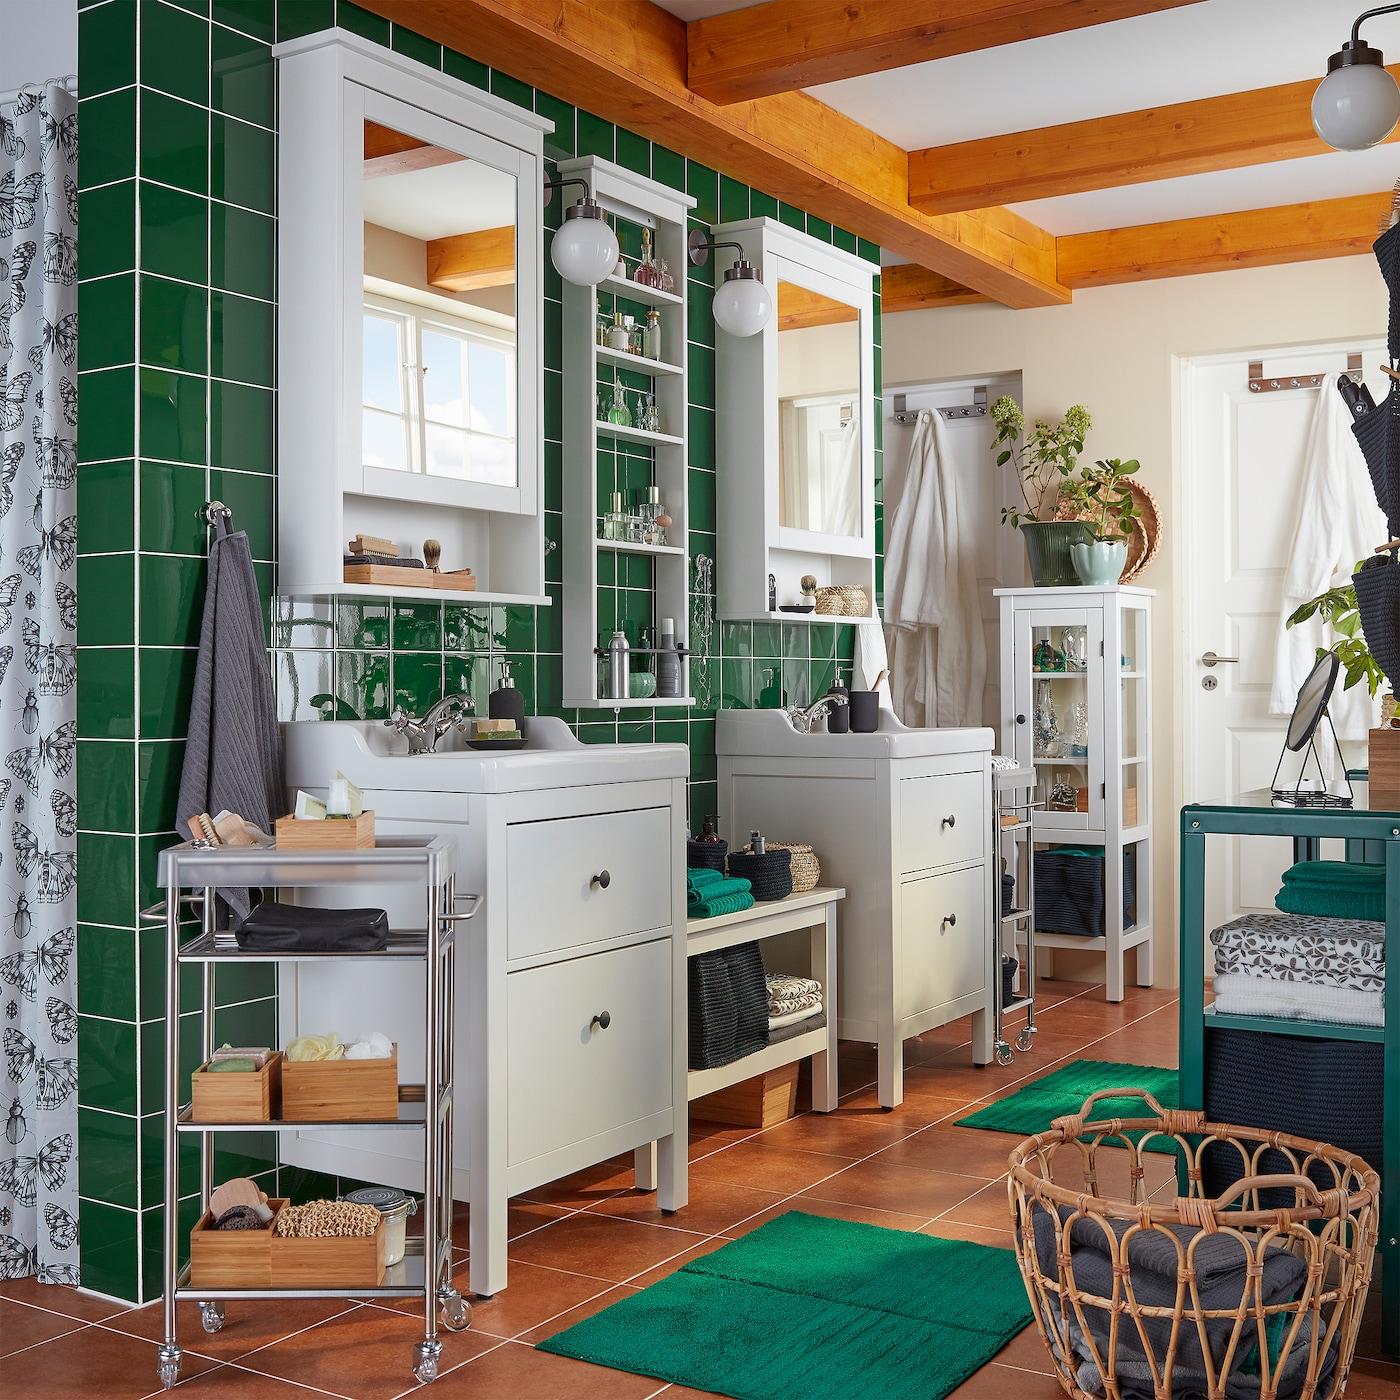 Salle de bains à carreaux verts, deux meubles-lavabos, deux armoires à miroir, un panier en rotin et deux tapis de bain verts.